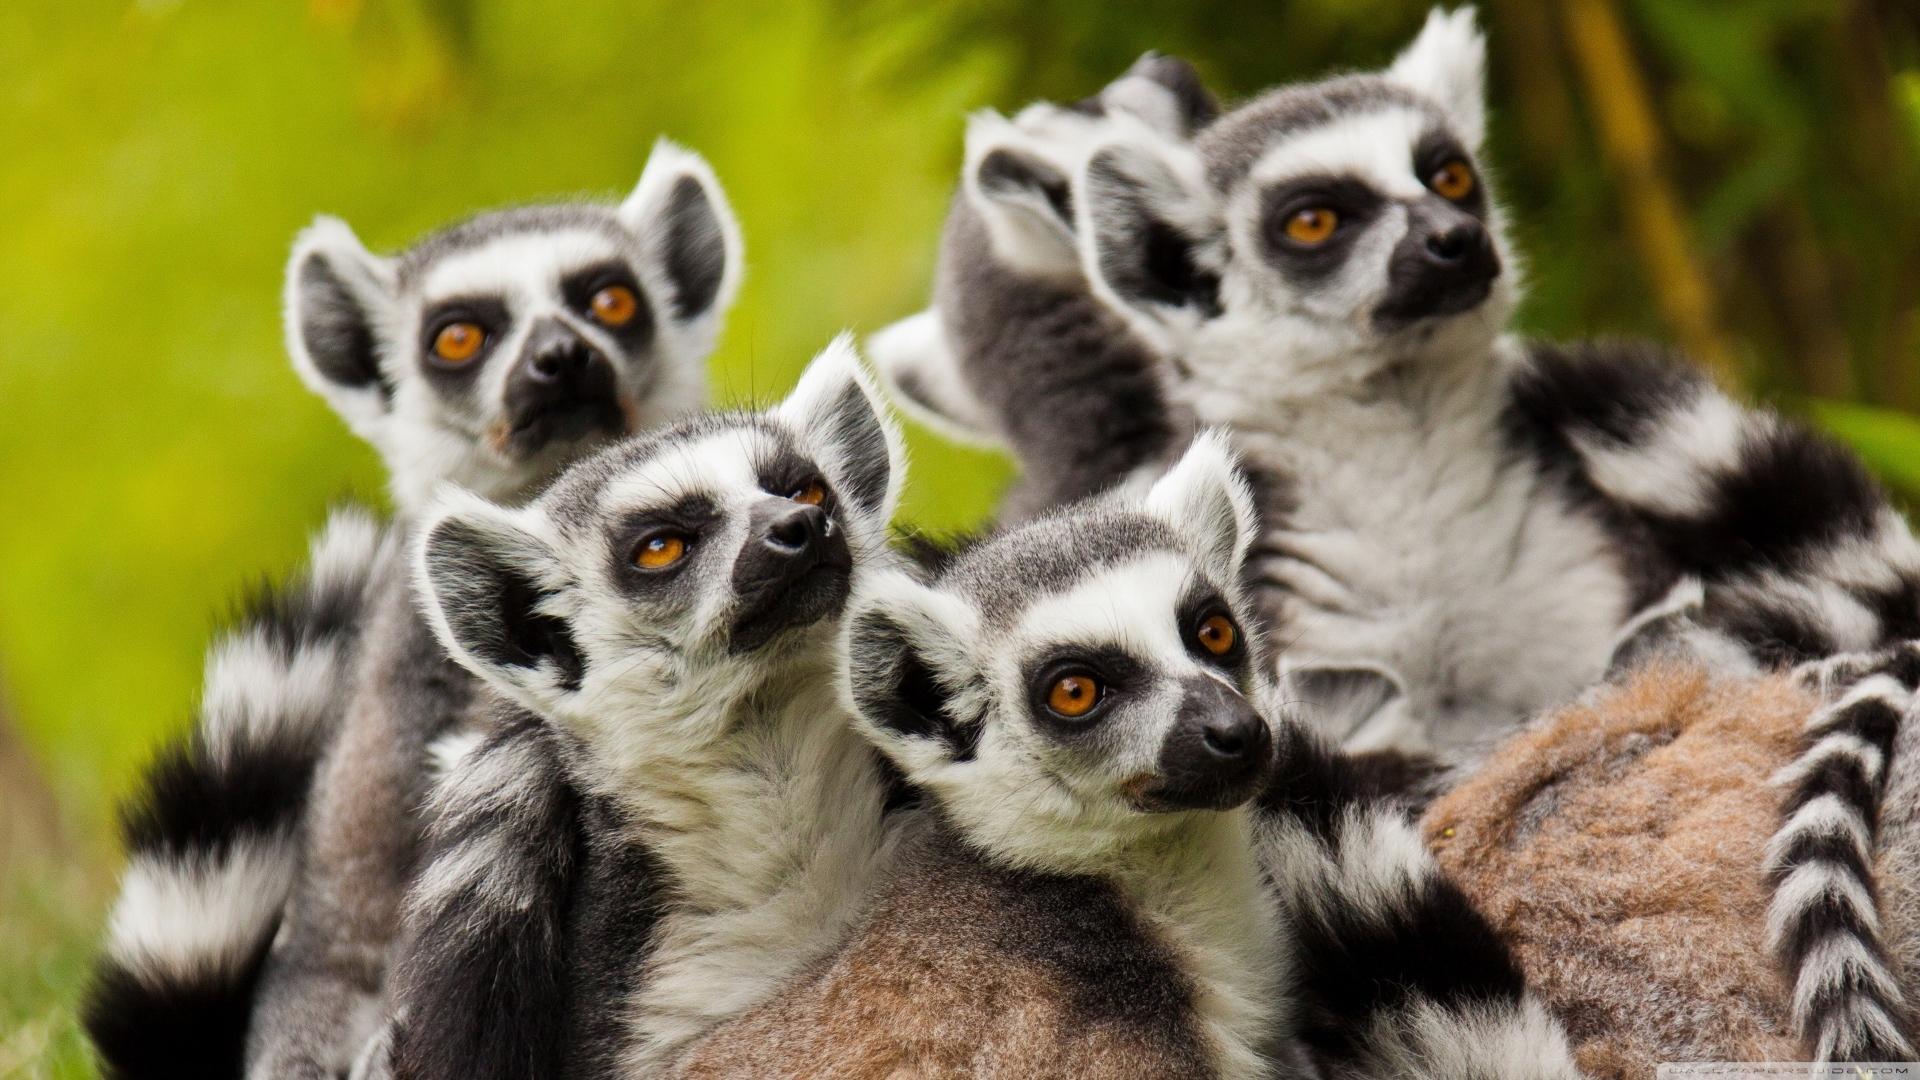 Медленный метаболизм обеспечил приматам долголетие